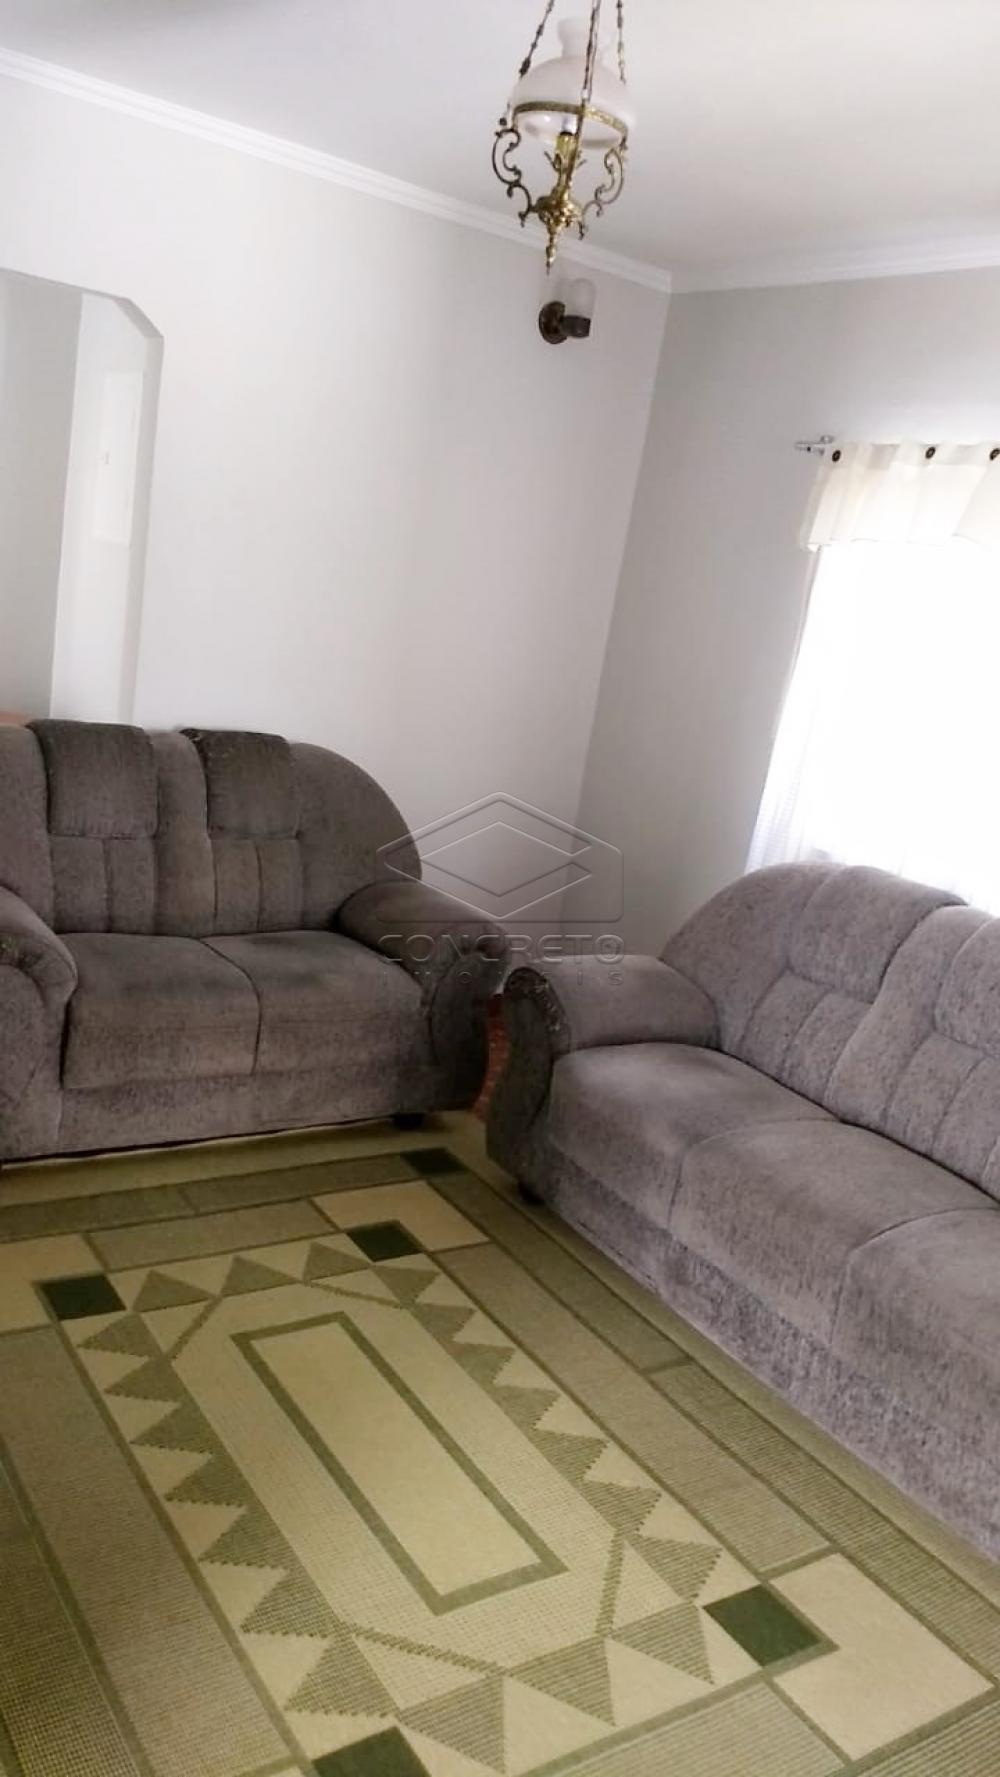 Comprar Casa / Residencia em Jaú apenas R$ 305.000,00 - Foto 6